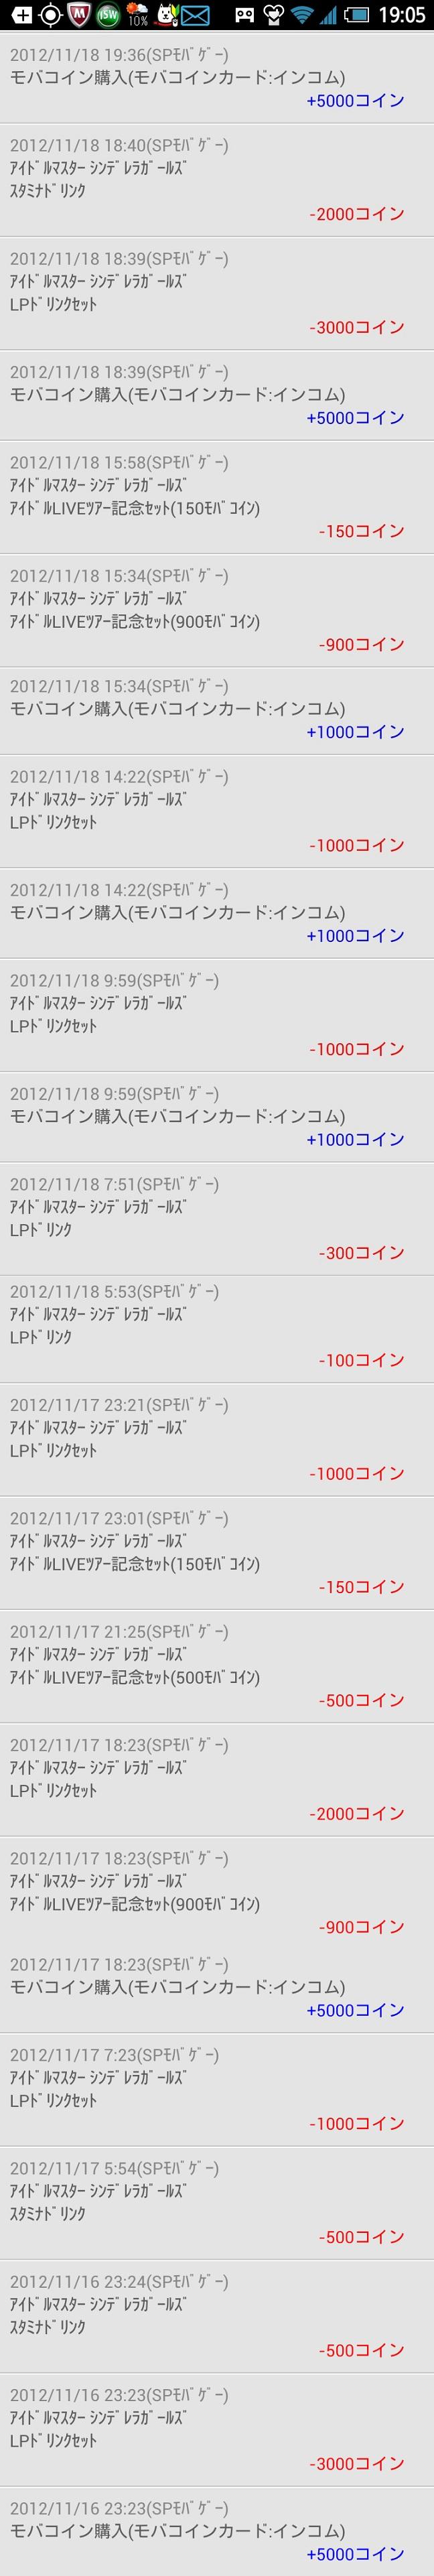 2012-12-29-19-05-14.jpg